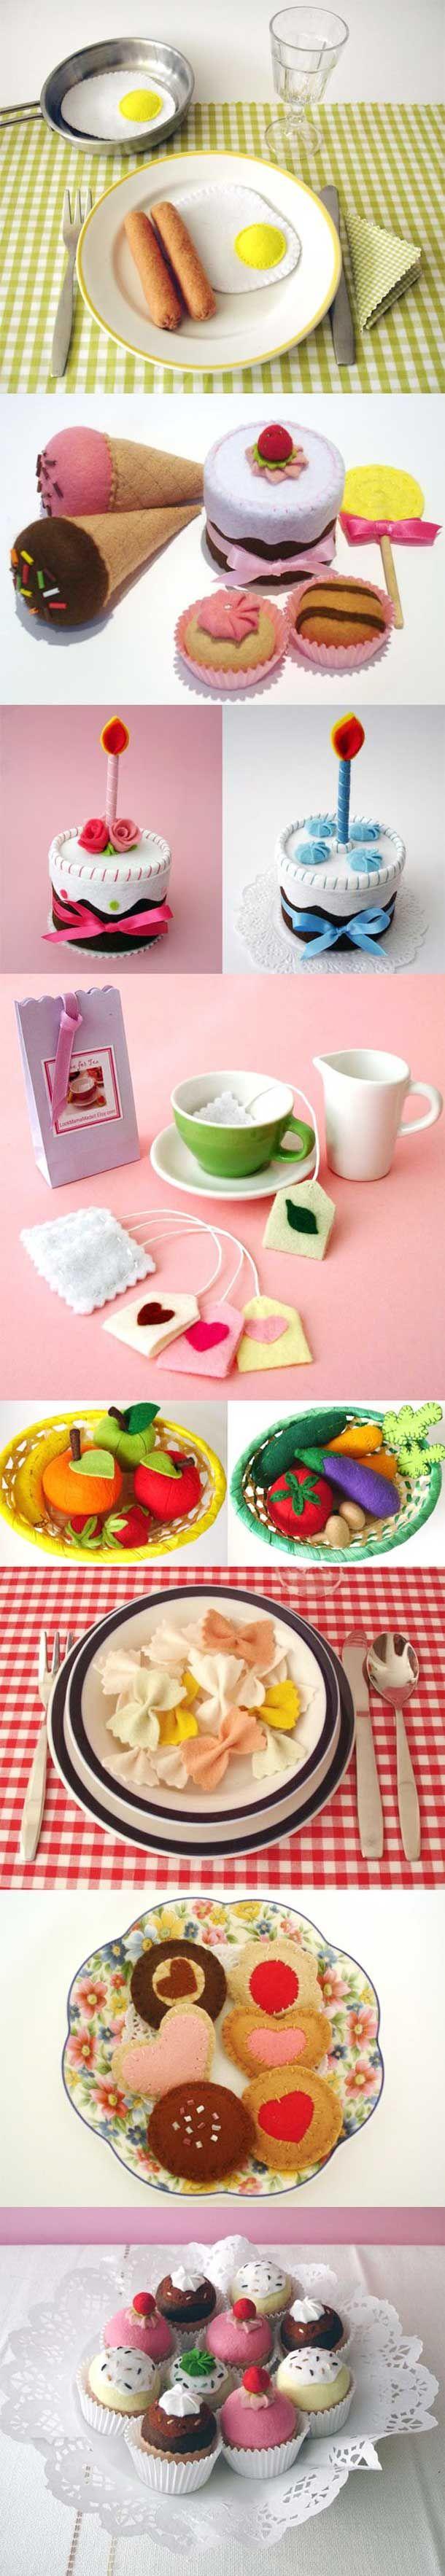 10 Brinquedos de comida feitos com Fetro